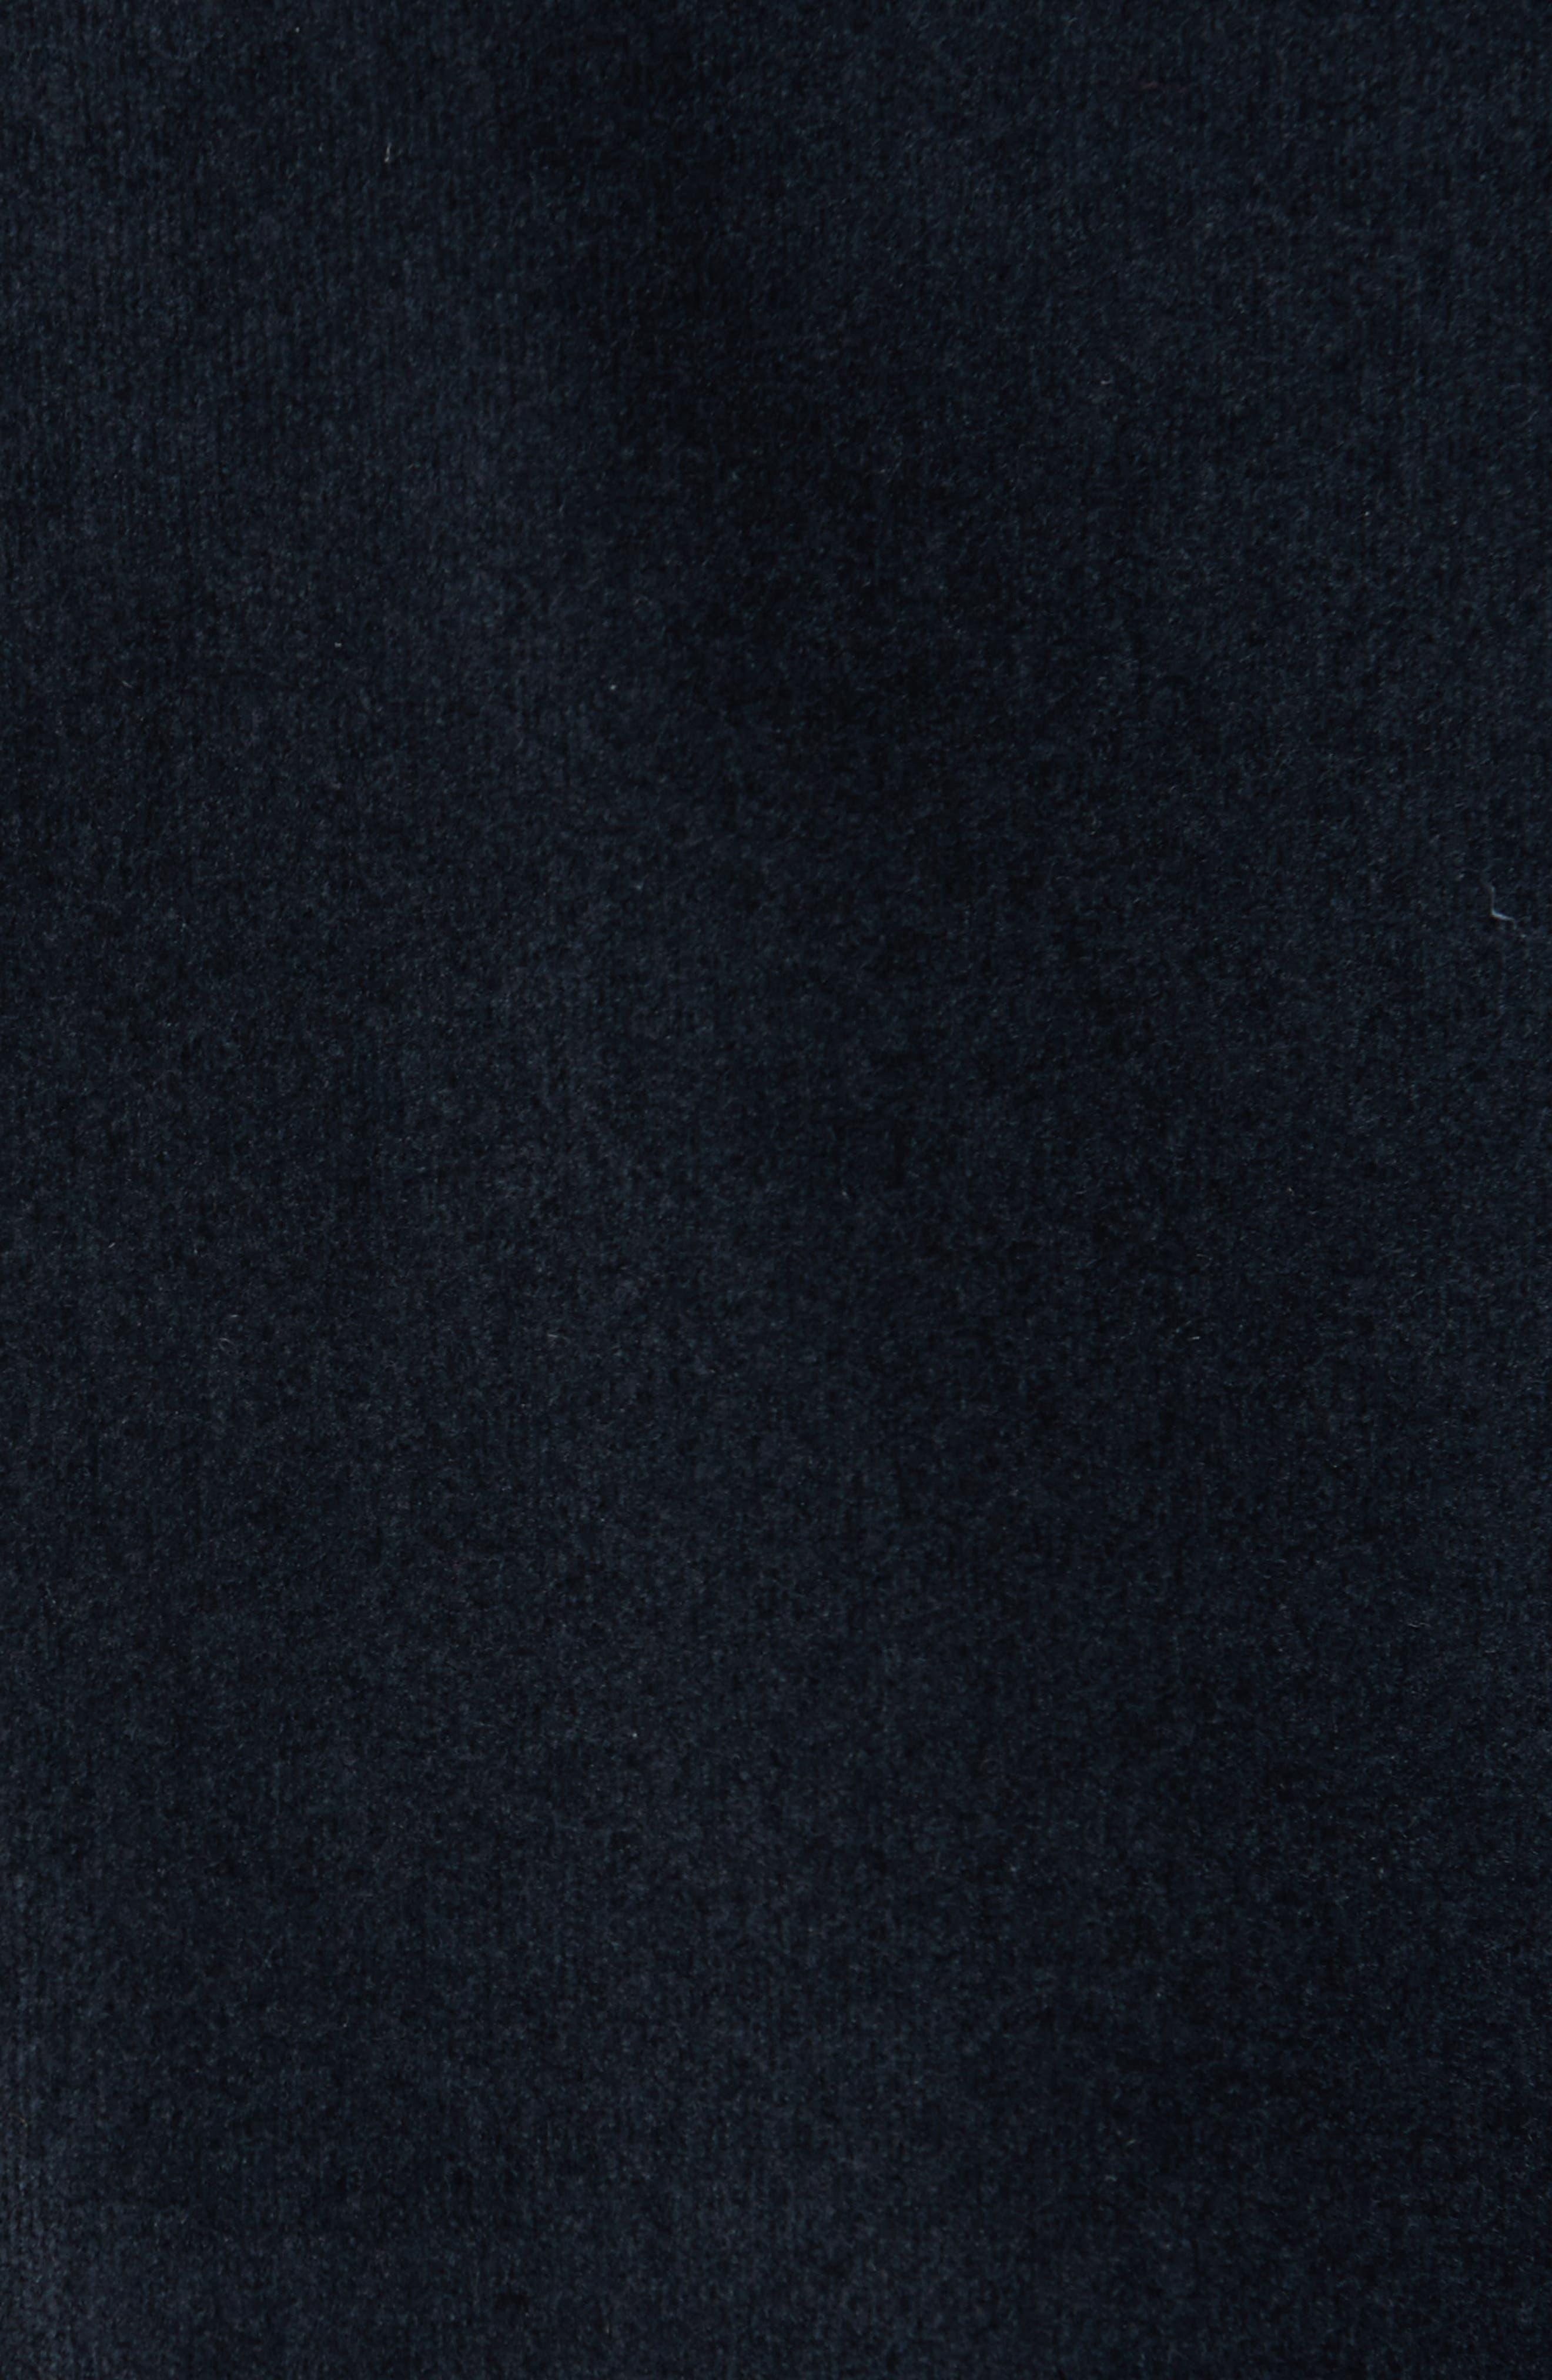 Velvet Sweatshirt,                             Alternate thumbnail 5, color,                             Navy